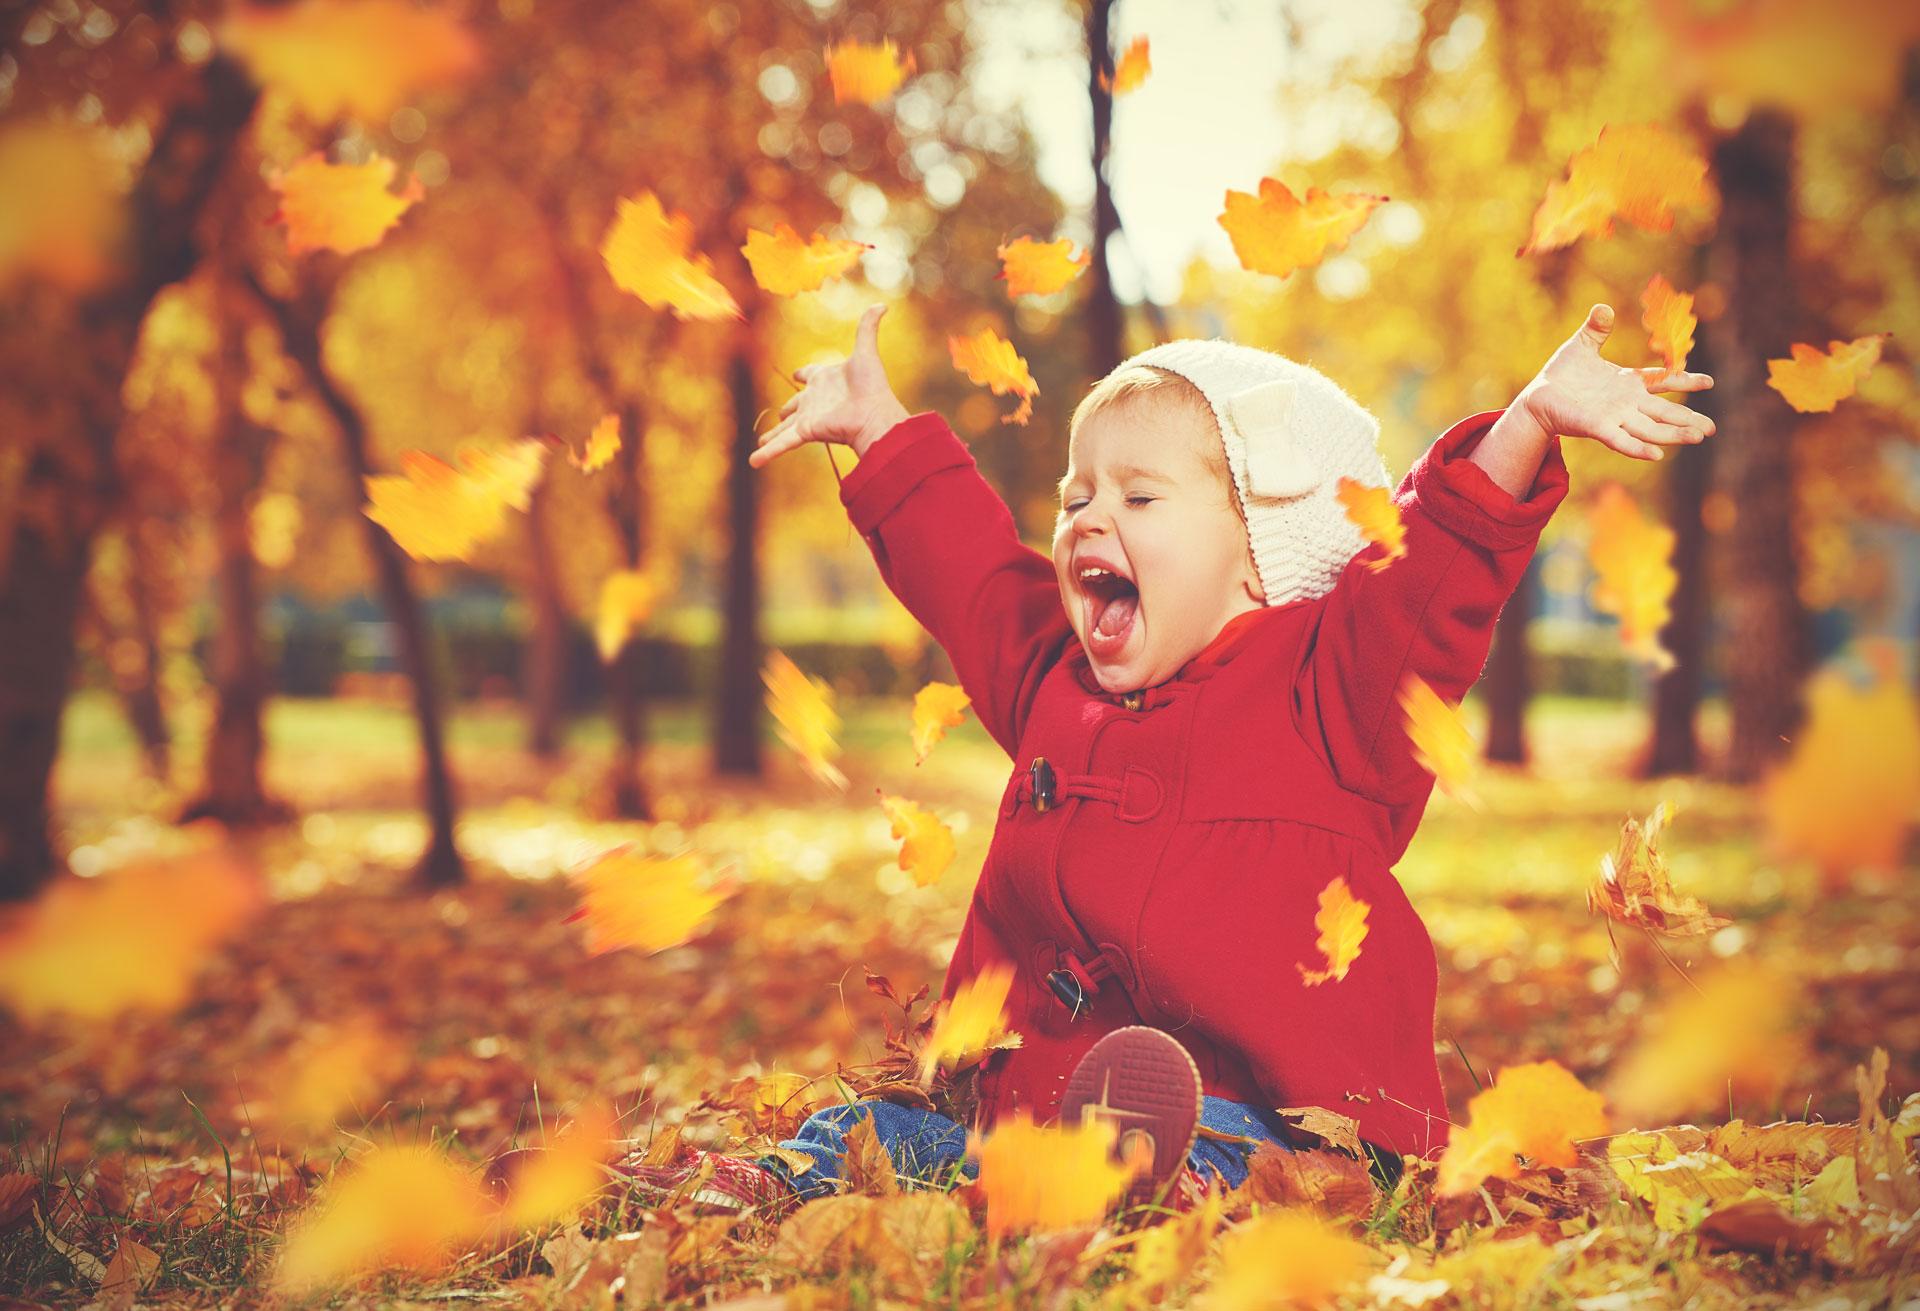 Kindliche Begeisterung Ist Wundervoll